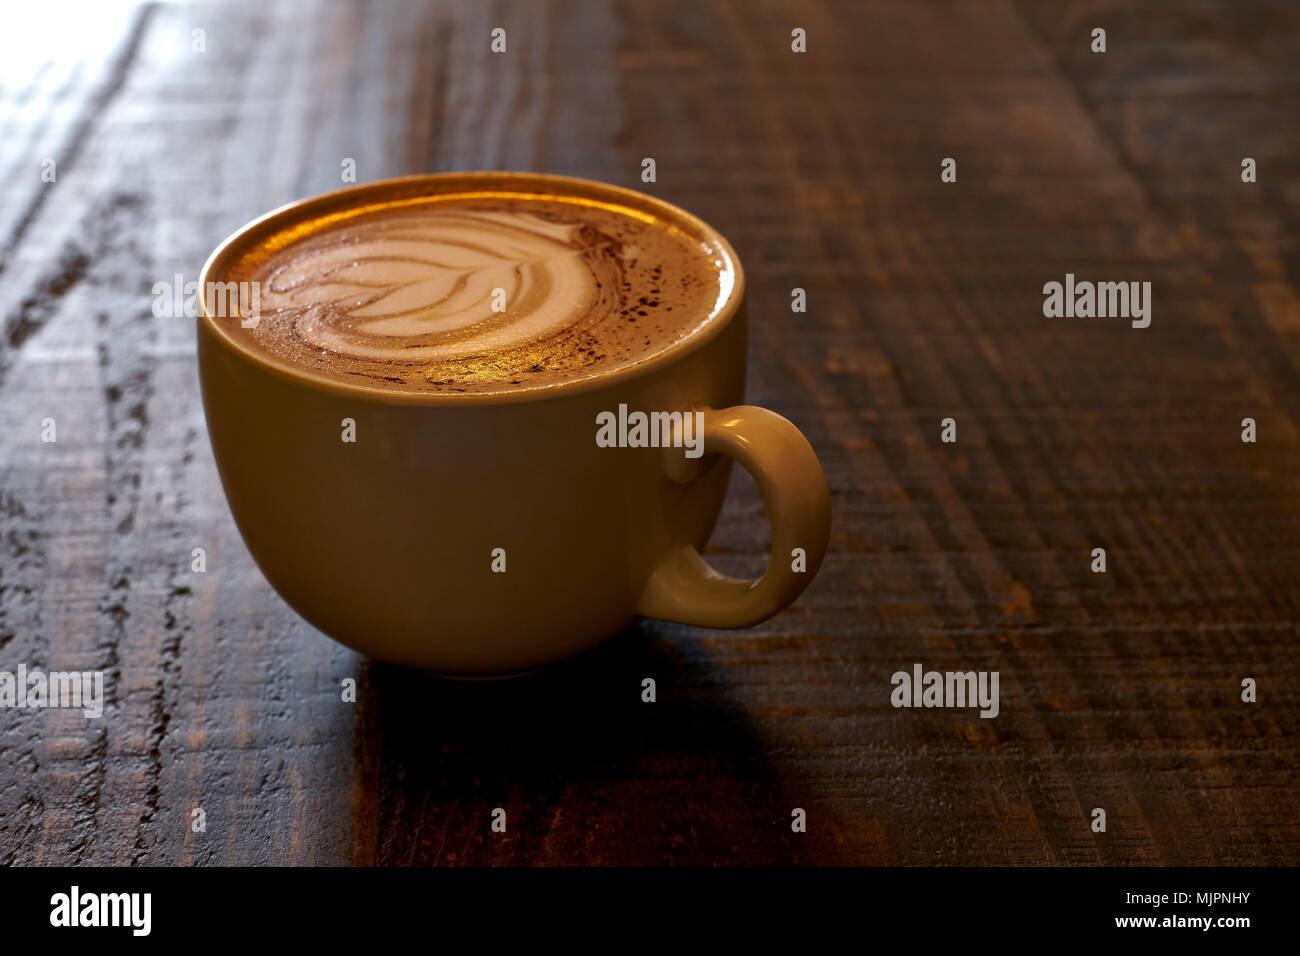 Niente di meglio di un ottimo caffè drink in una bella mattina di primavera. Immagini Stock